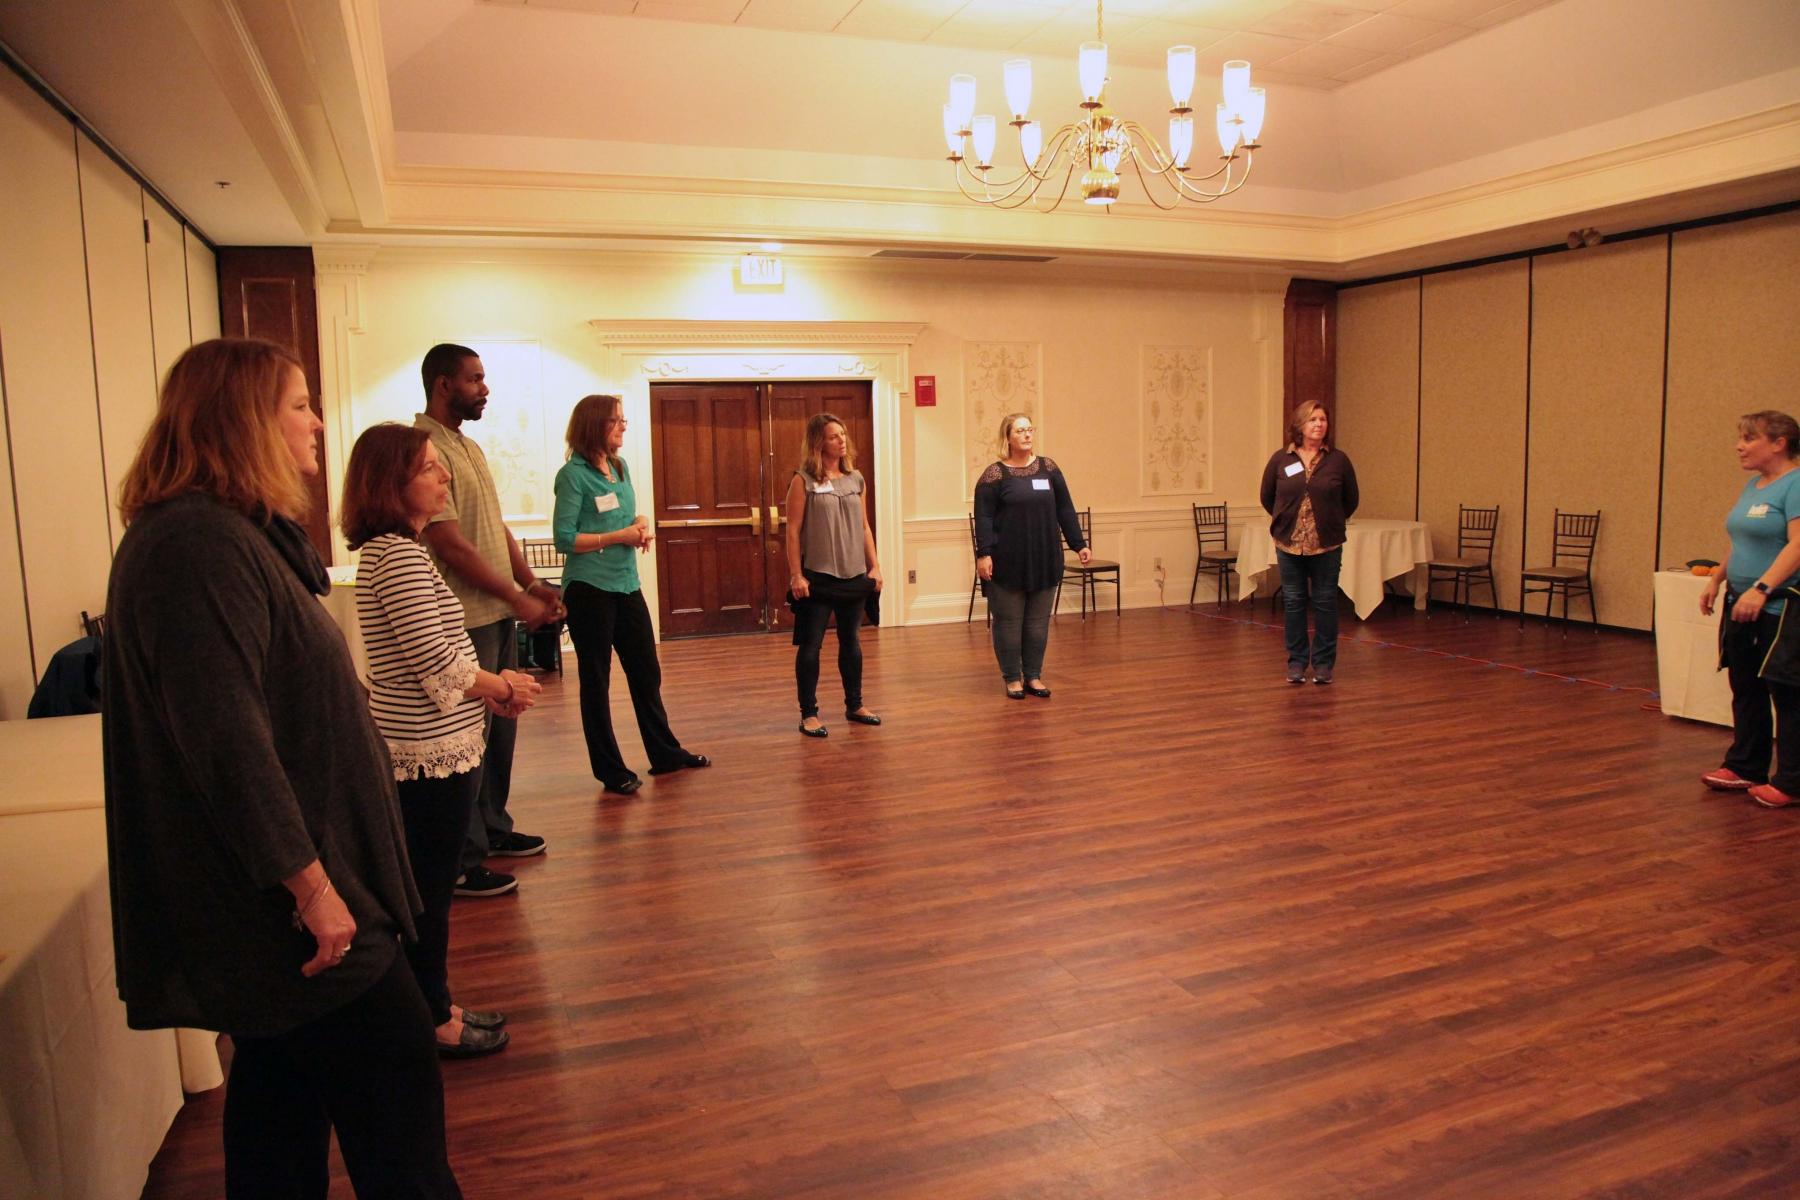 MA PTA Health Summit BOKS Workshop Attendees